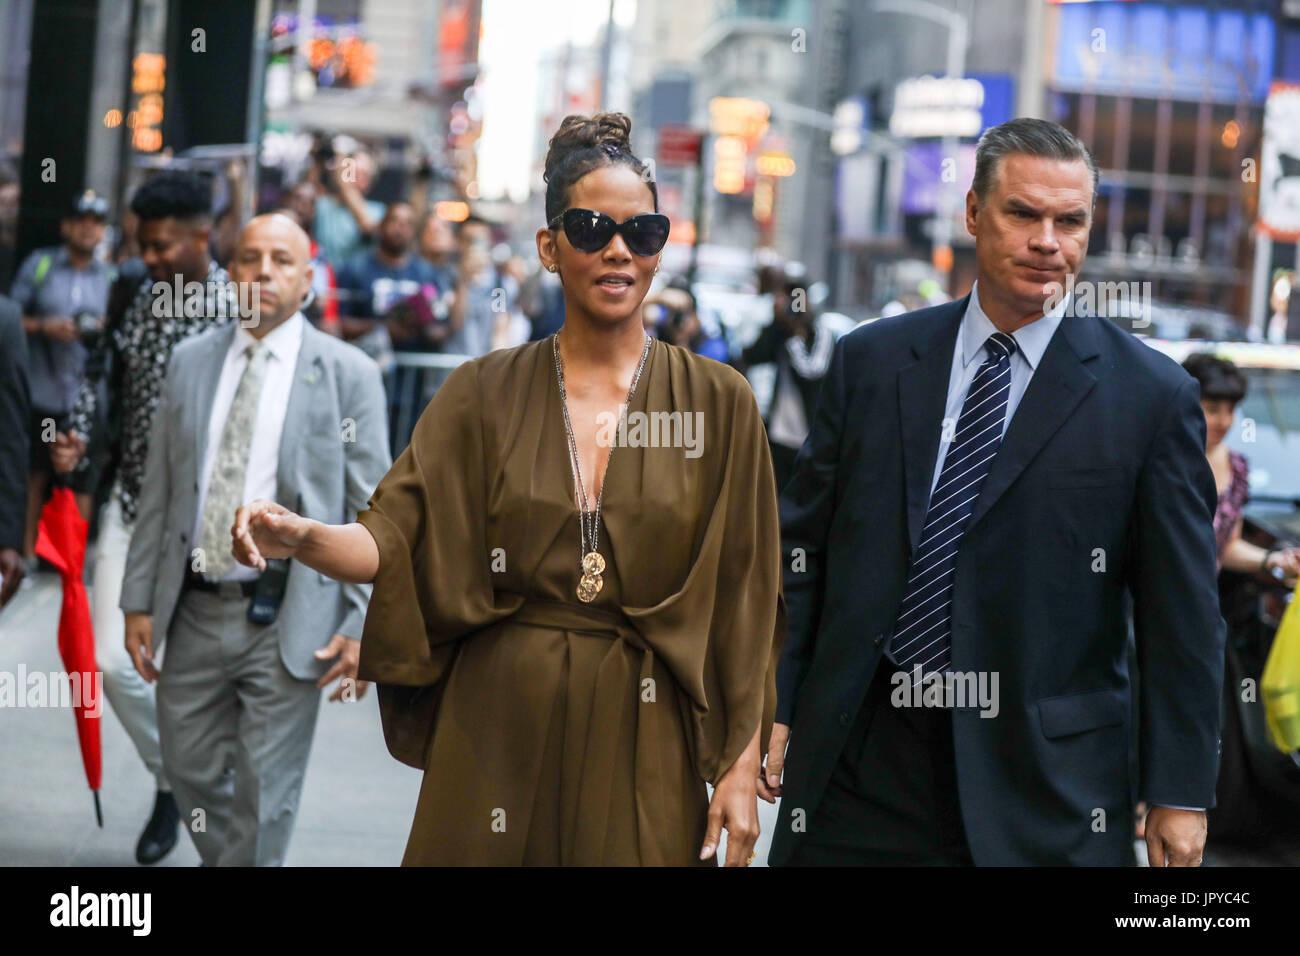 Nueva York, Estados Unidos. 3 ago, 2017. Actriz norteamericana Halle Berry es visto llegar en un programa de televisión Foto de stock